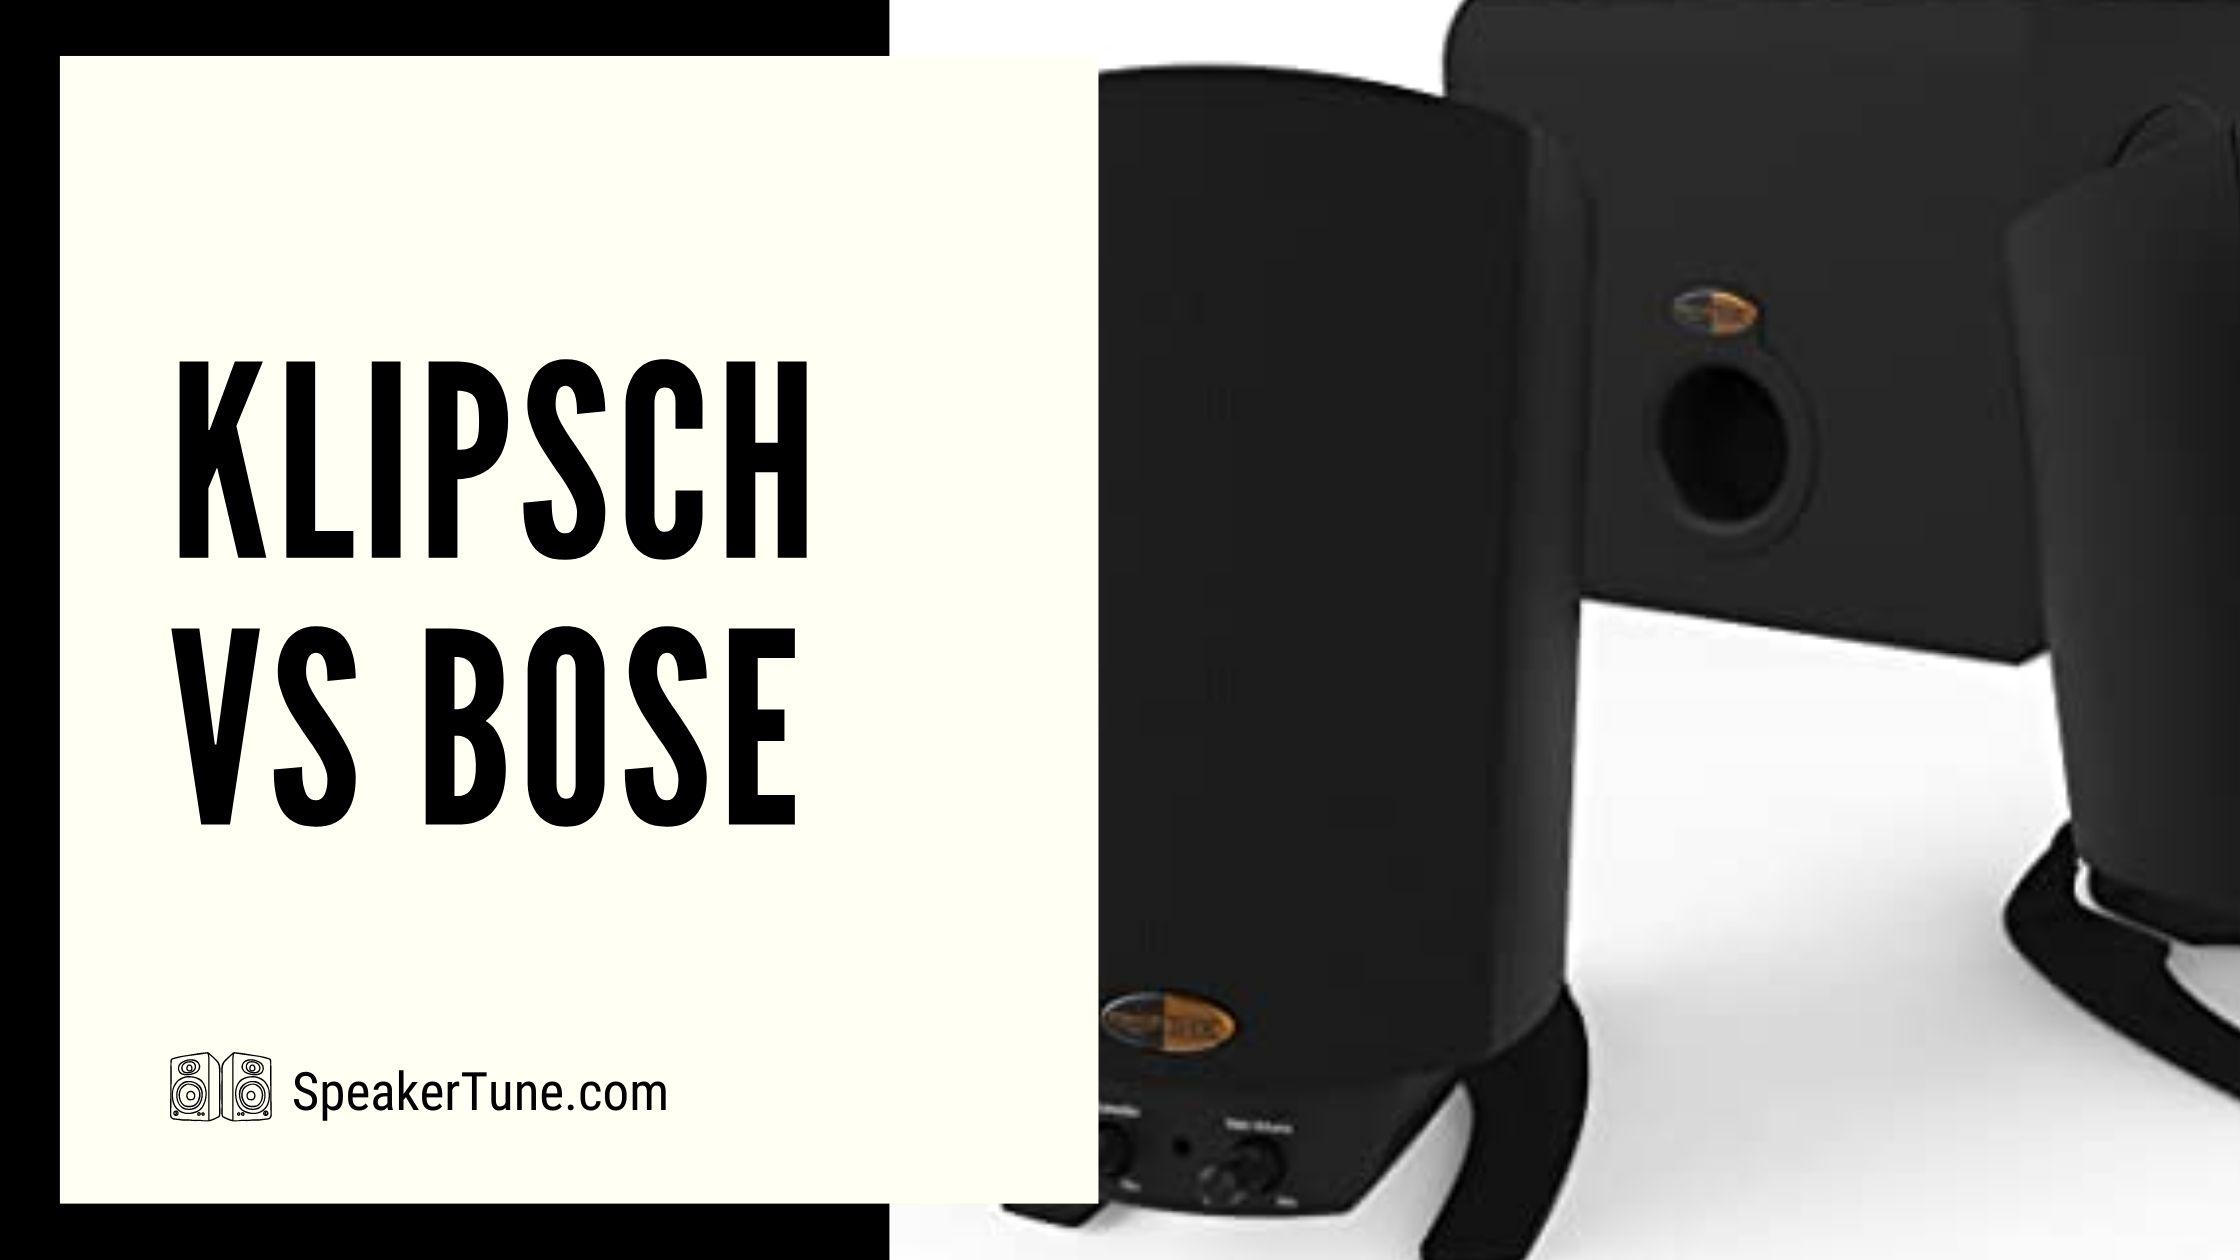 ST-Klipsch-vs-bose